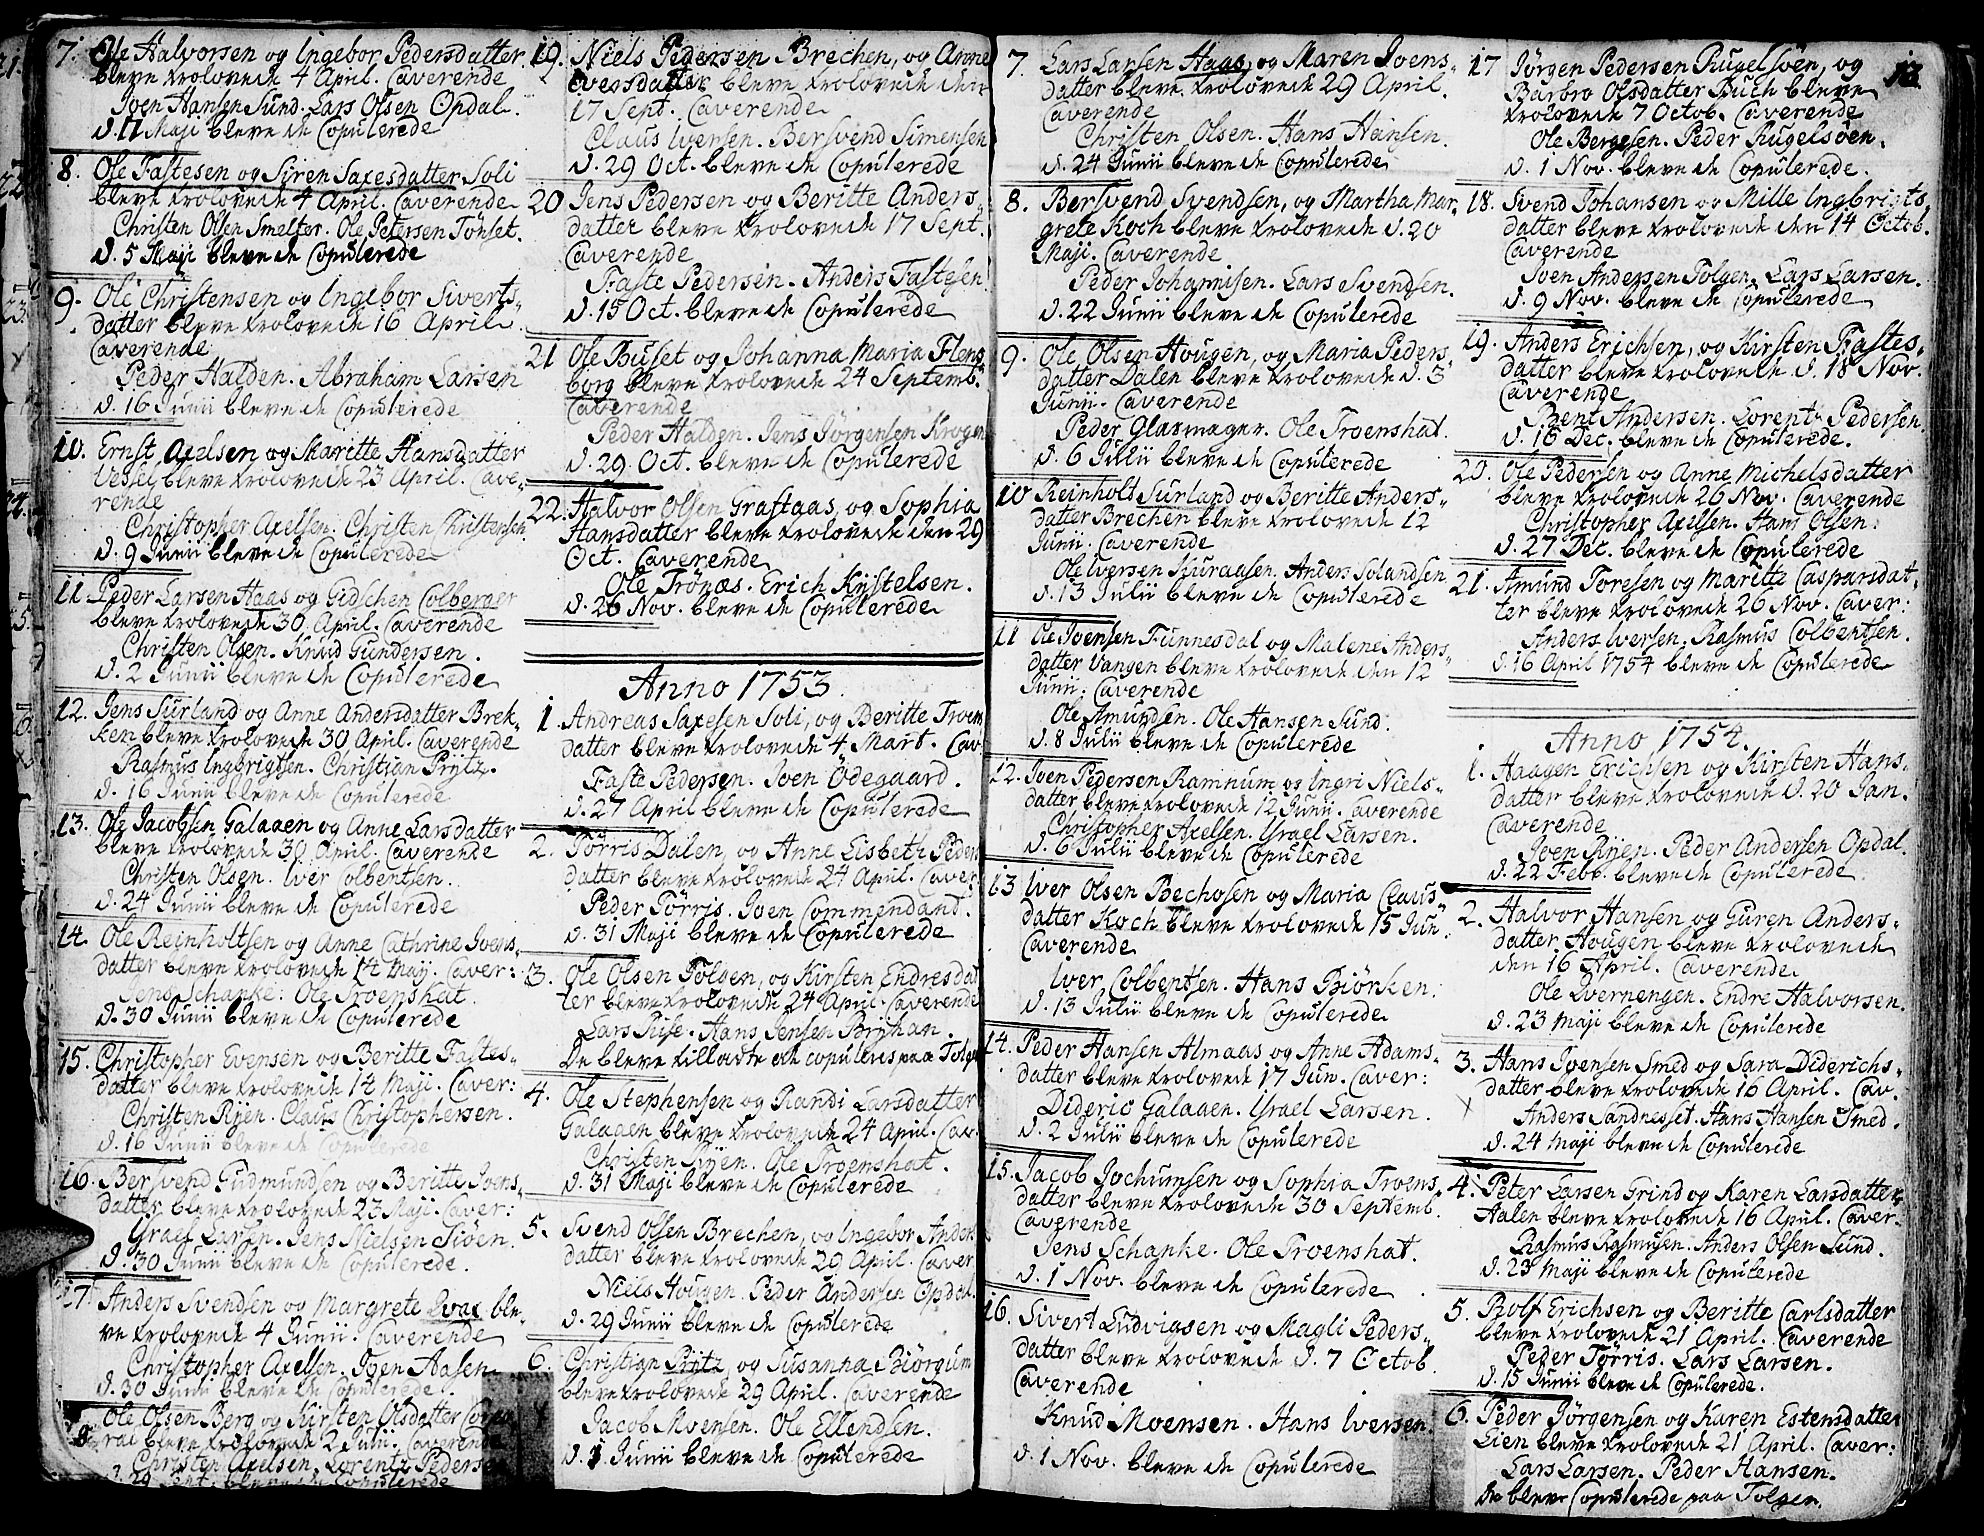 SAT, Ministerialprotokoller, klokkerbøker og fødselsregistre - Sør-Trøndelag, 681/L0925: Ministerialbok nr. 681A03, 1727-1766, s. 13